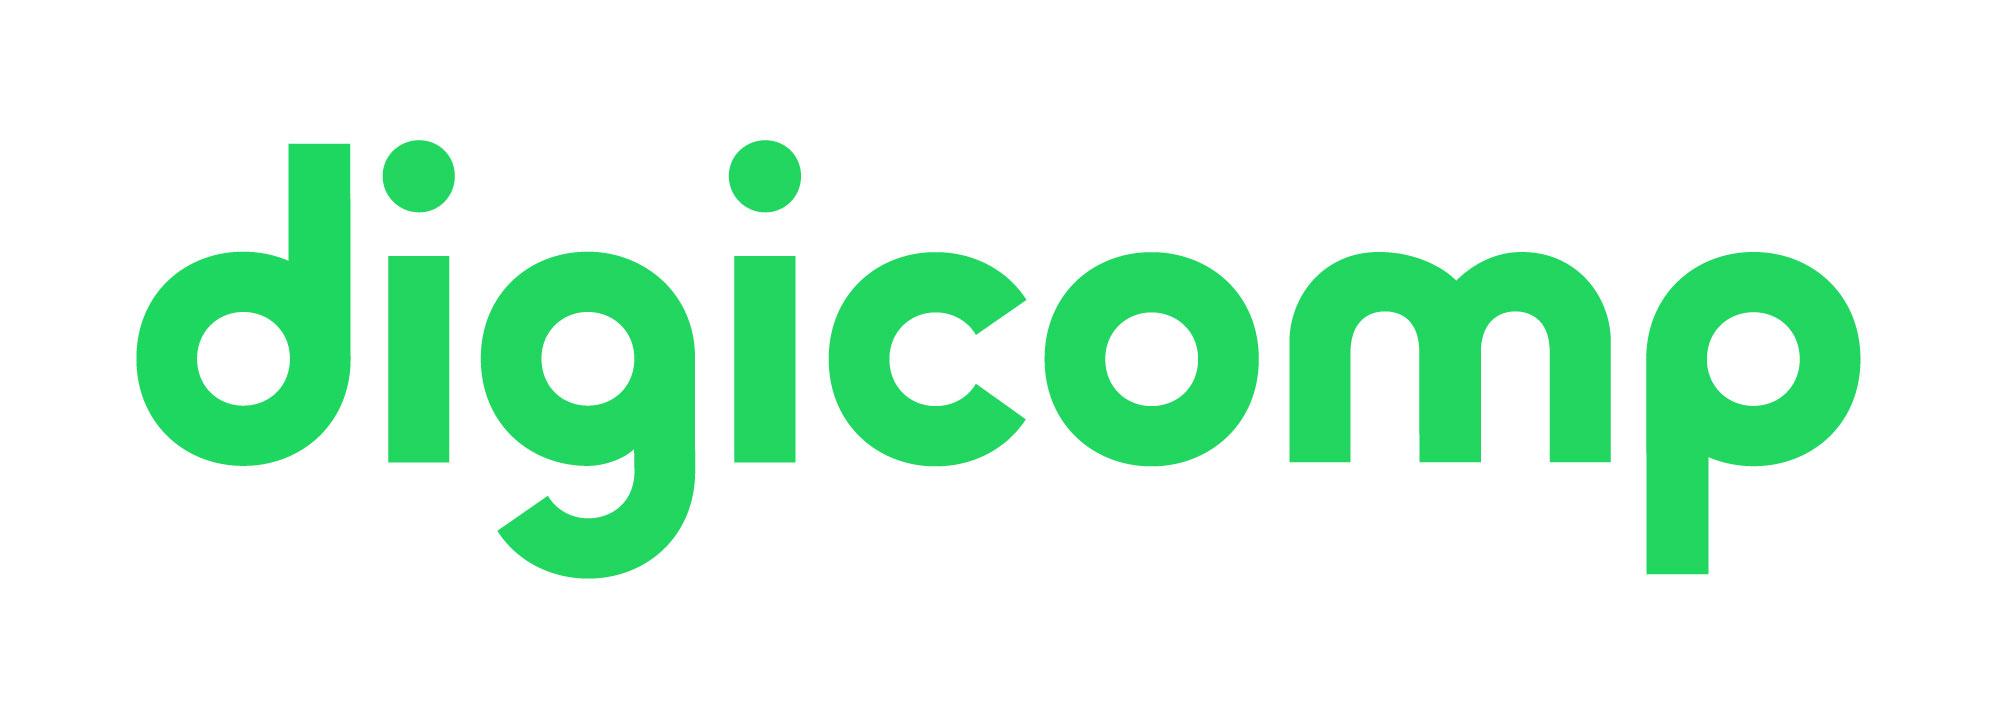 digicomp_logo_gruen_rgb.jpg